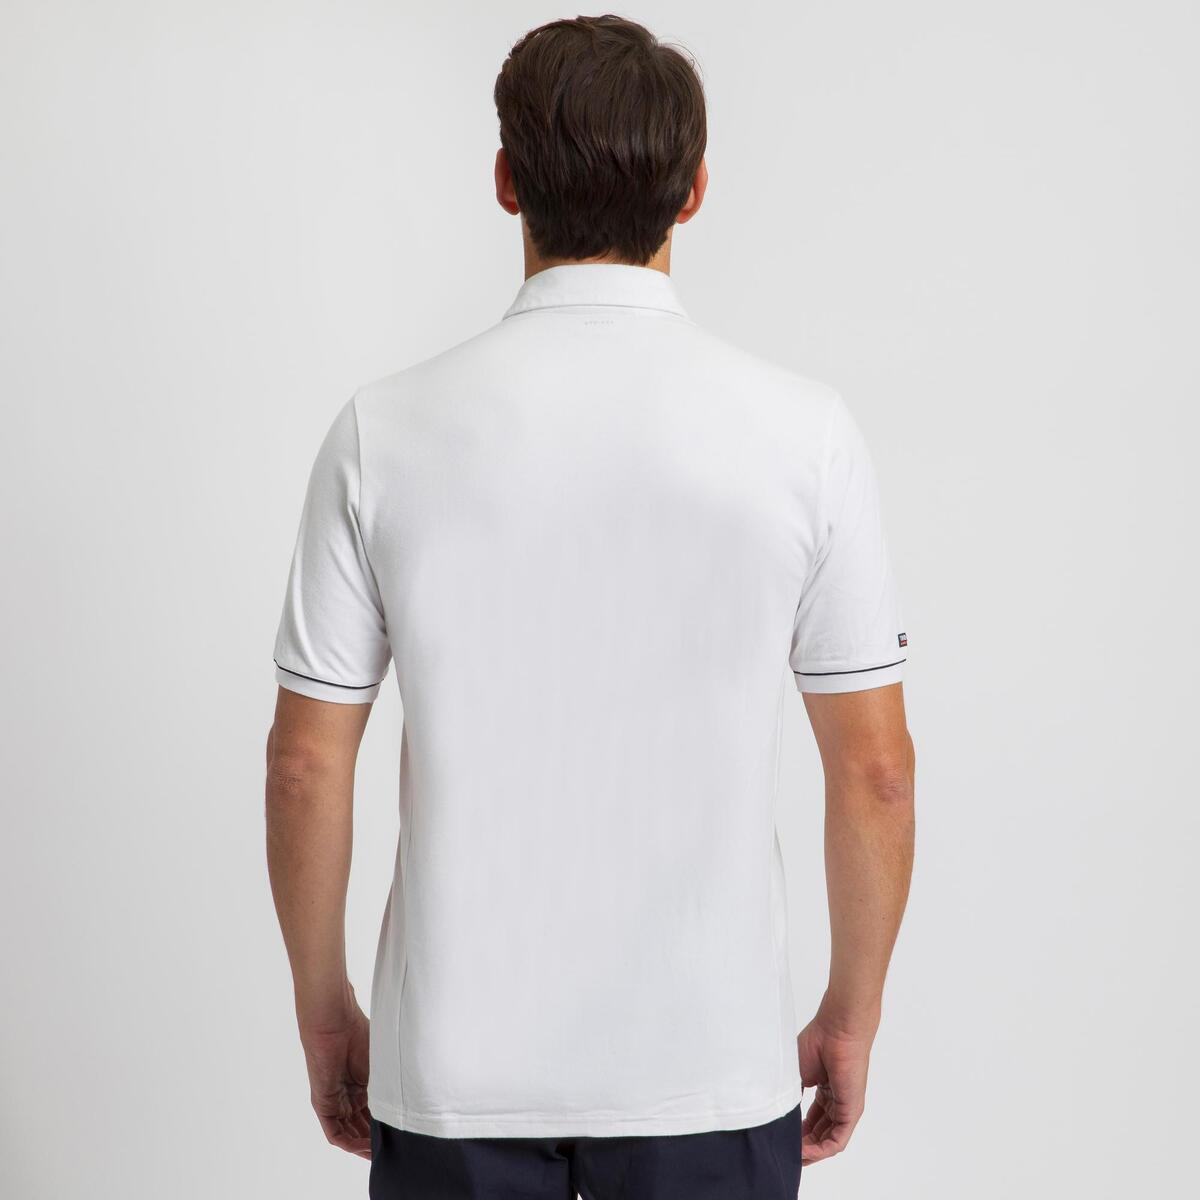 Bild 4 von Poloshirt kurzarm Sailing 100 Herren weiß